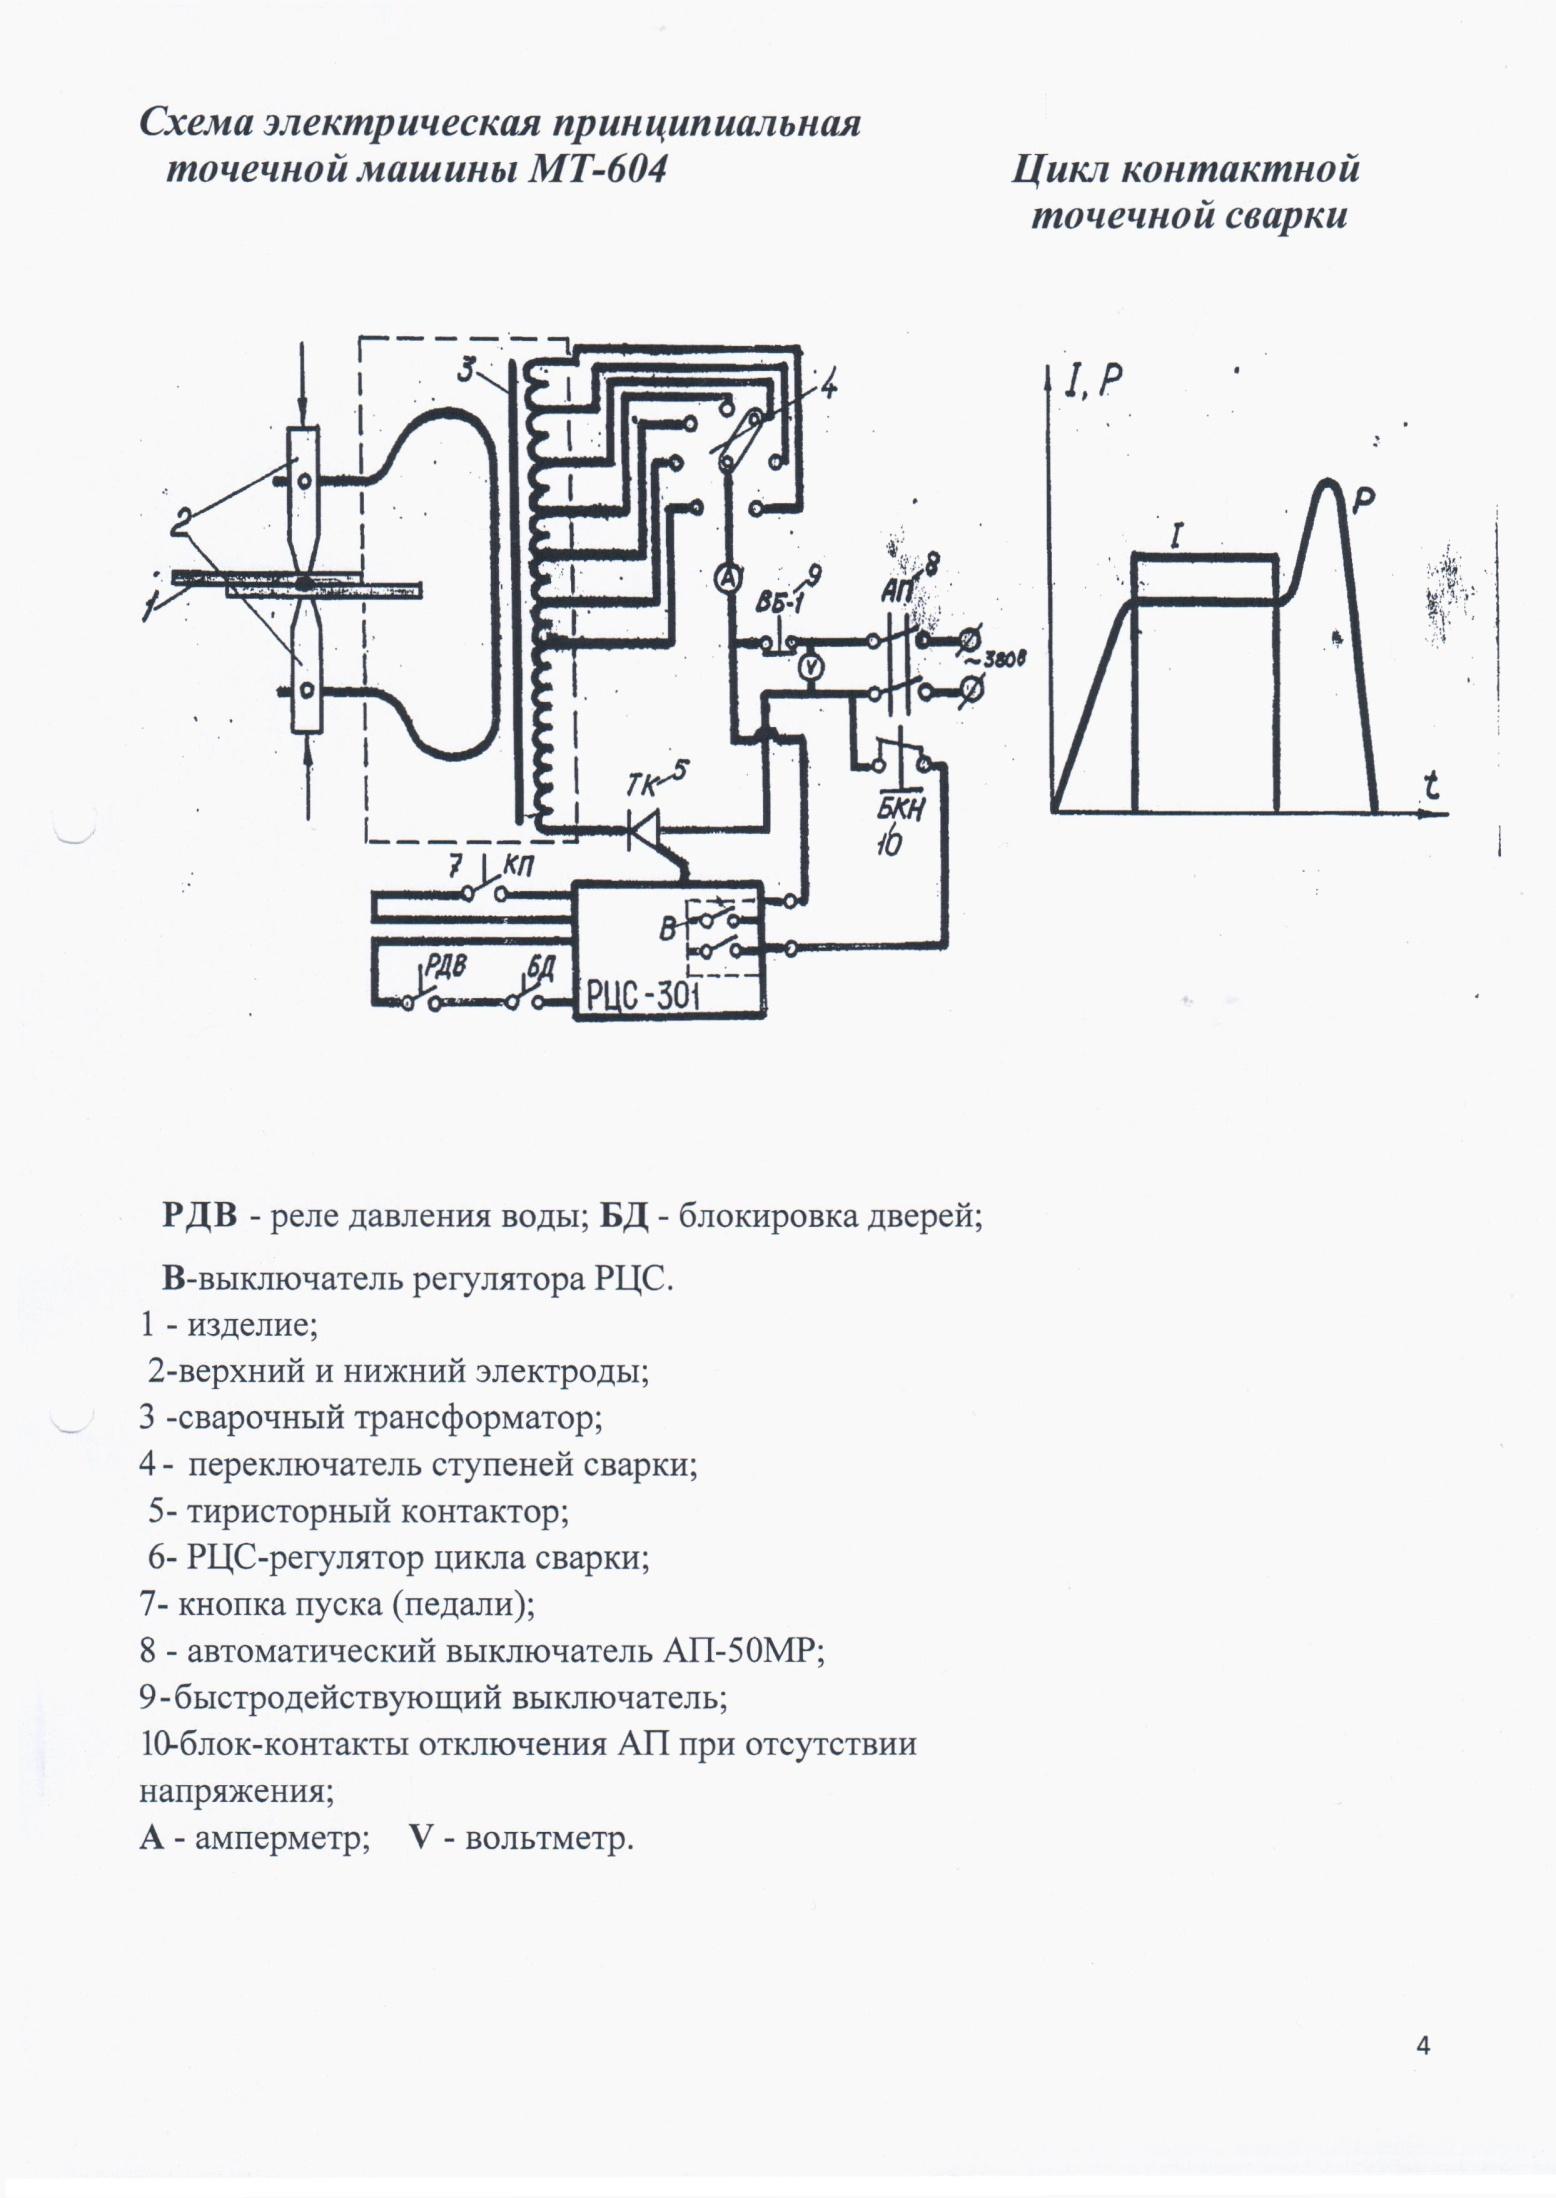 Схема и описание конденсаторной сварки своими руками: общие сведения, изготовление устройства